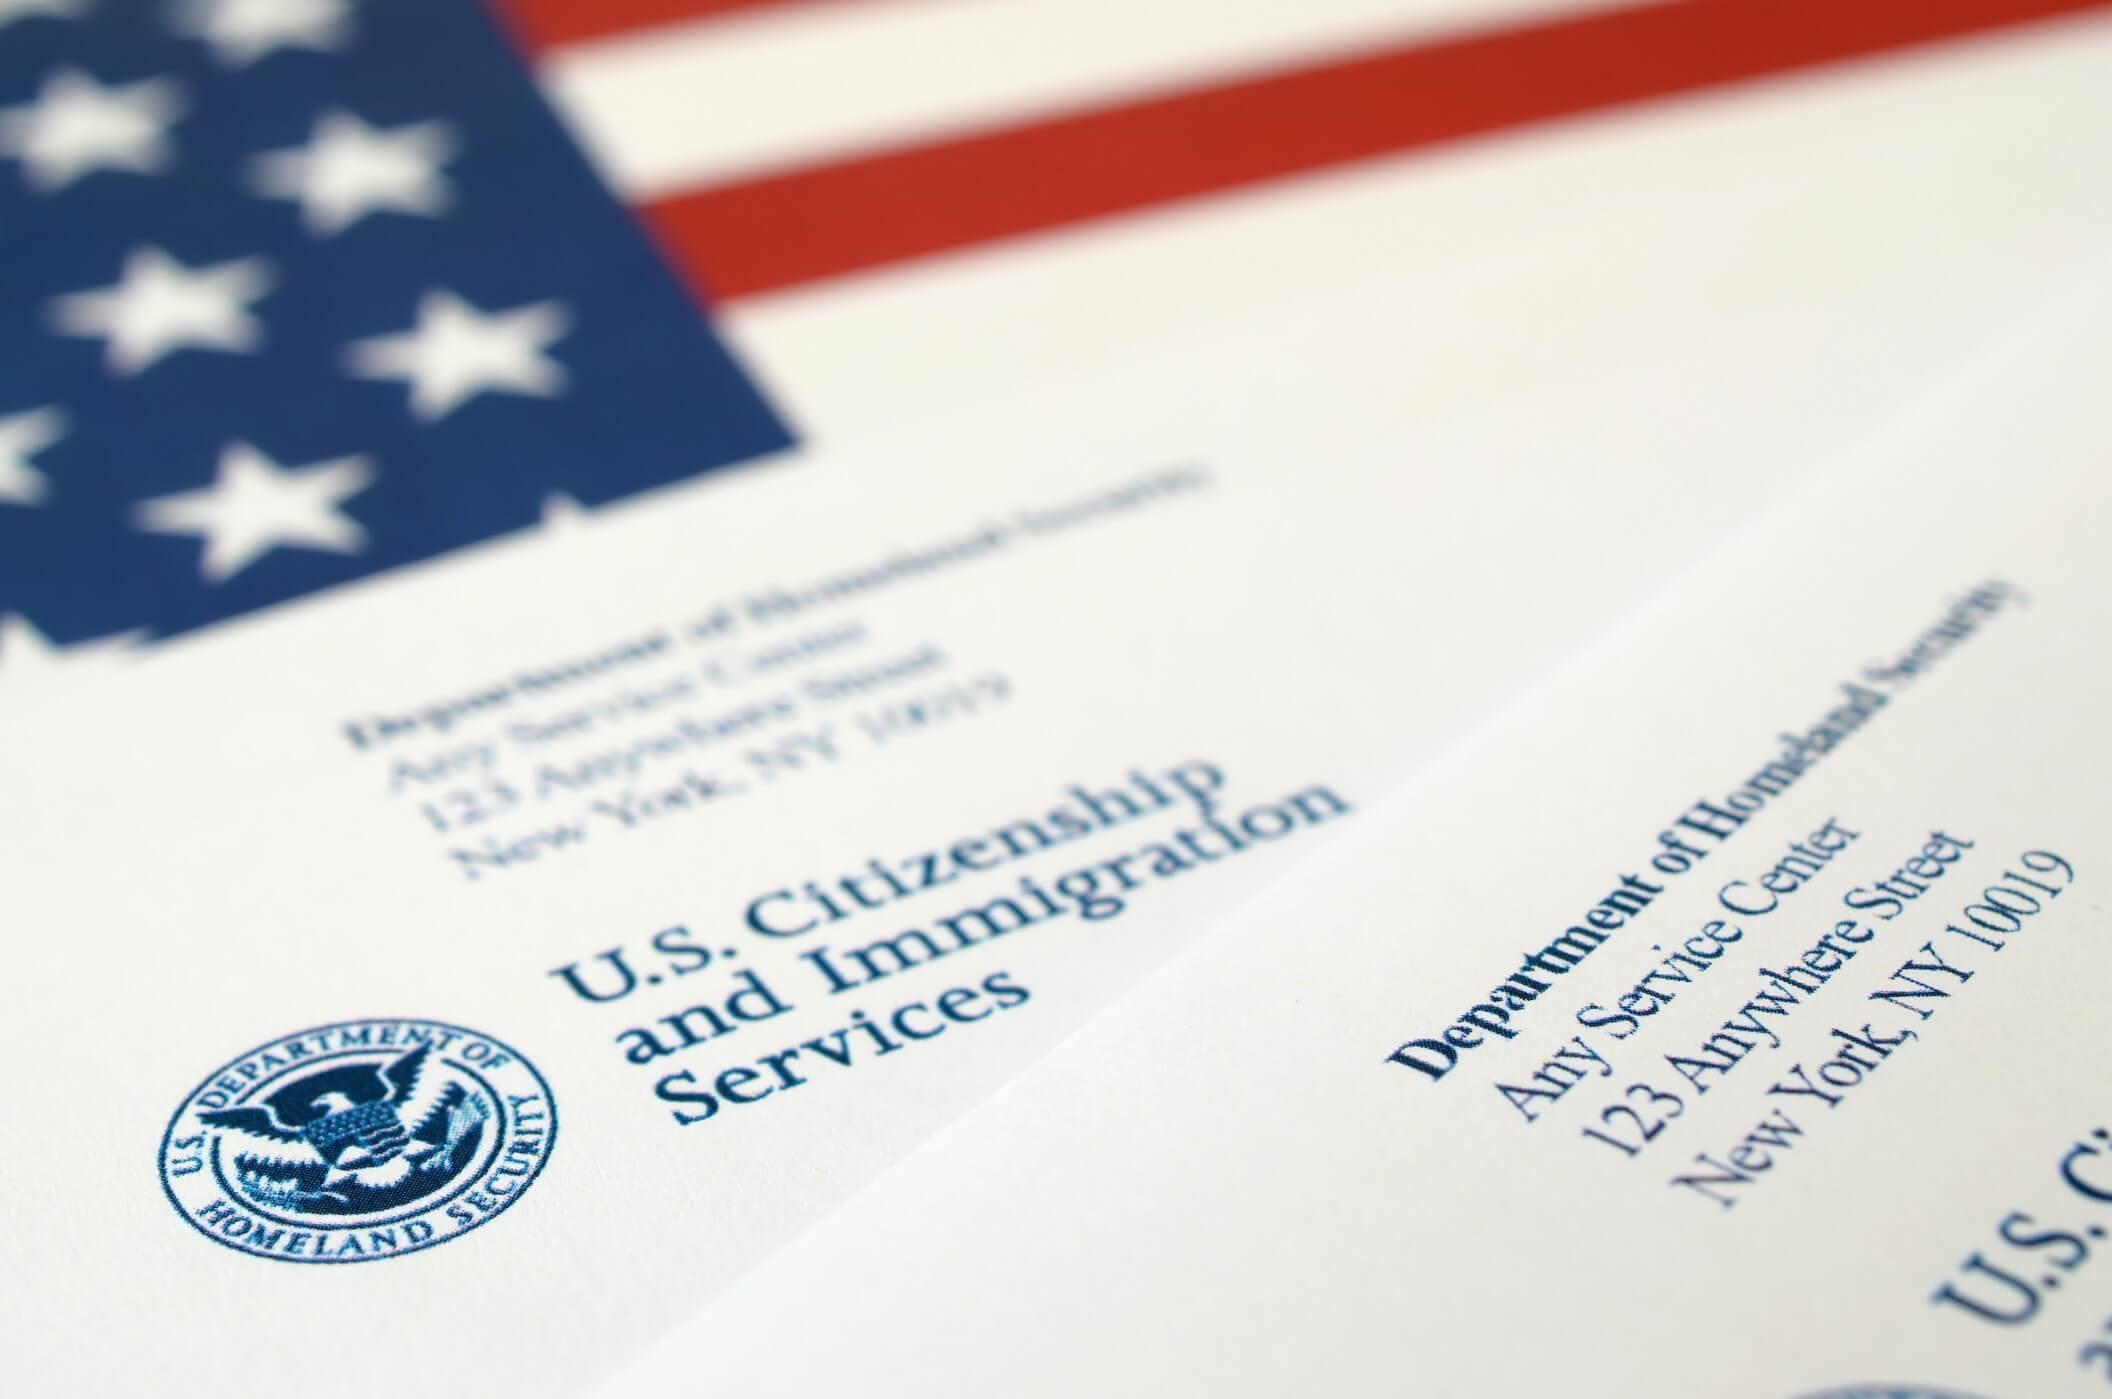 Formulário Imigração EUA - Como preencher o formulário de entrada nos EUA - Hotel California Blog